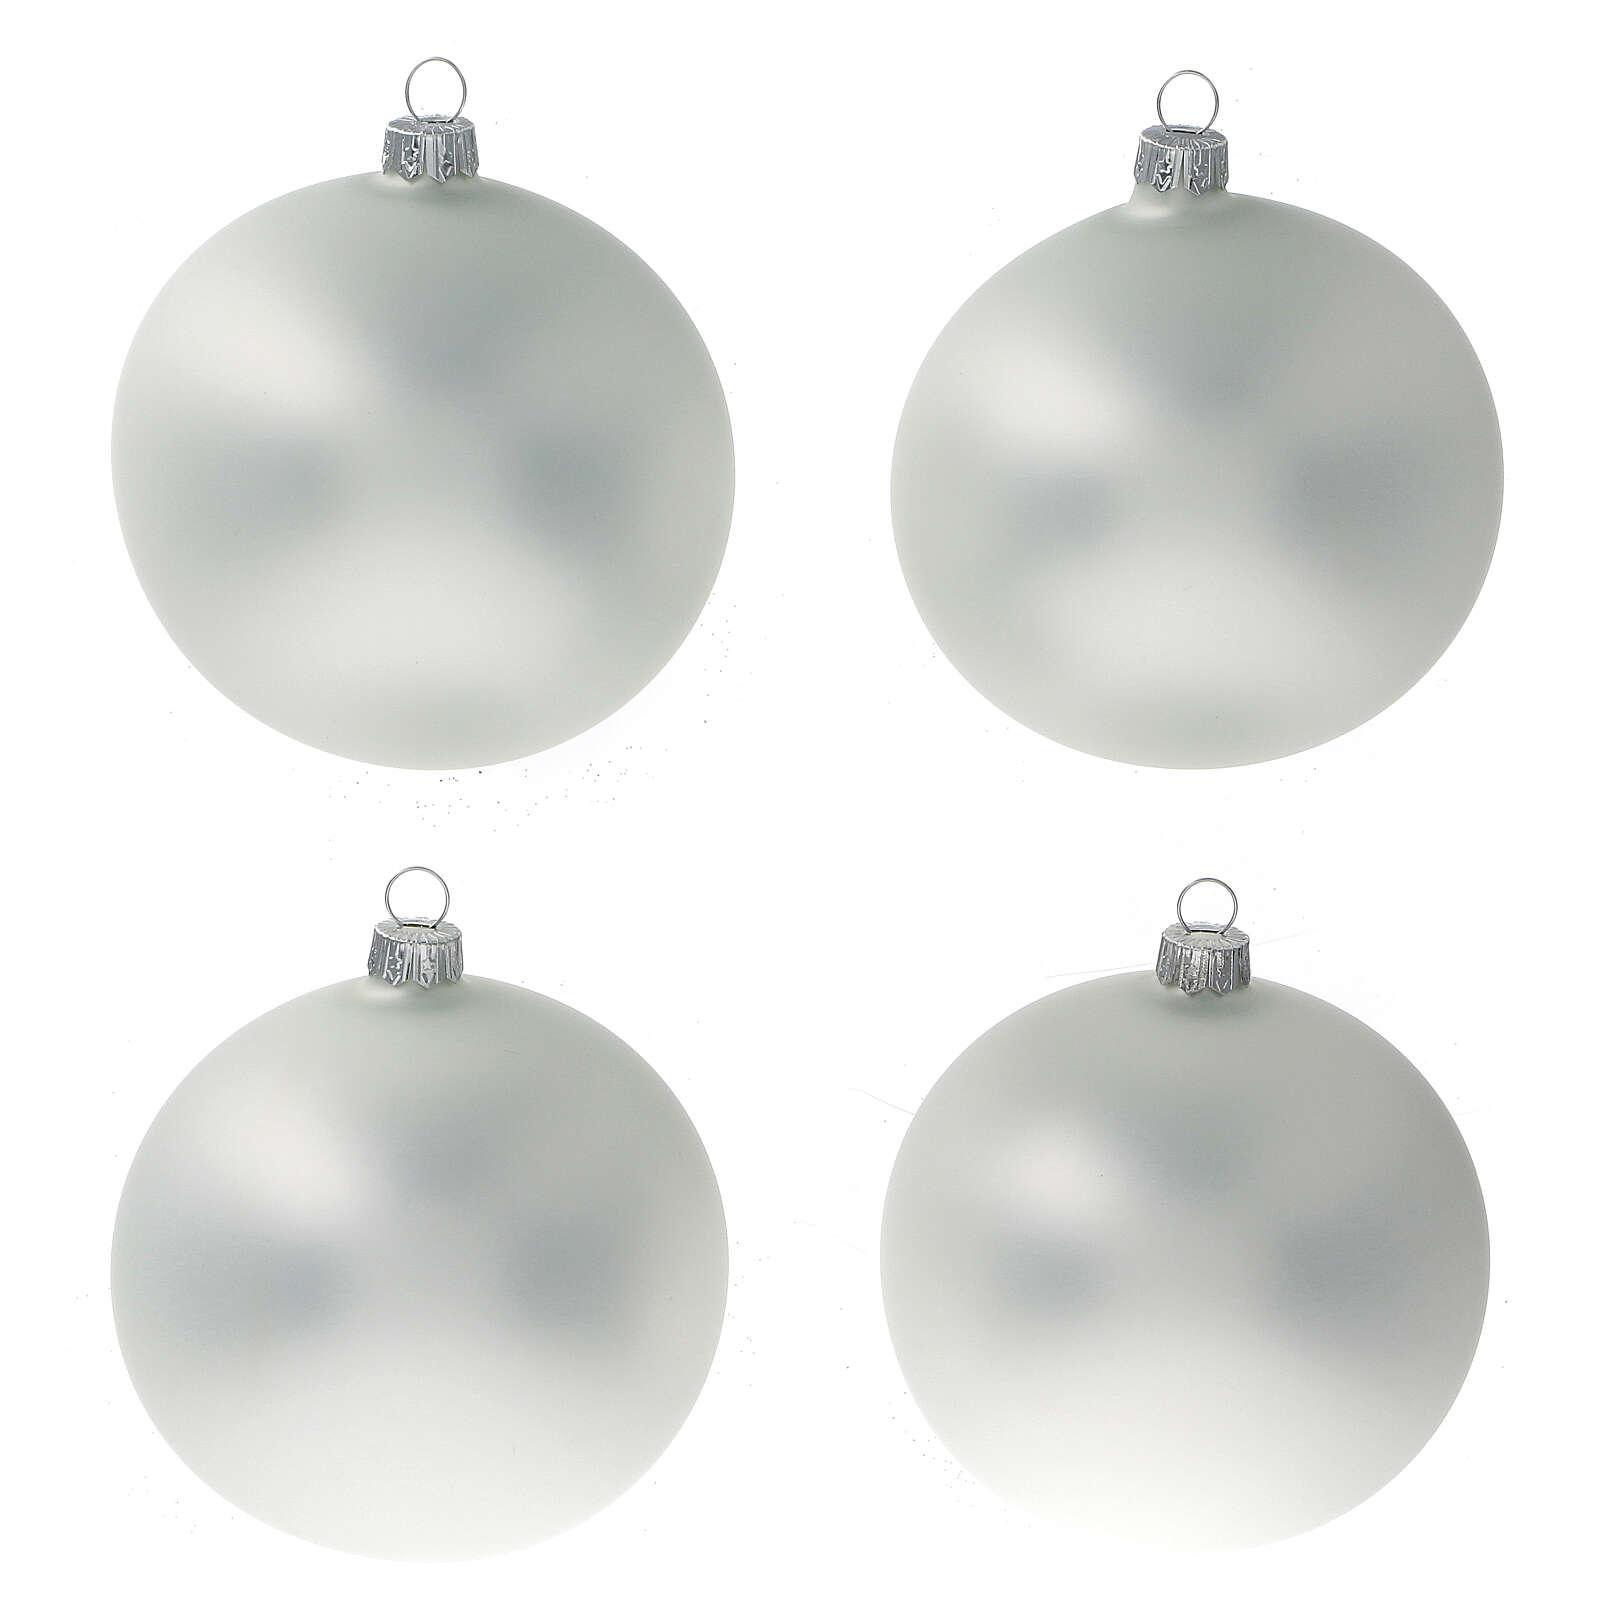 Boule gris perle mat sapin Noël verre soufflé 100 mm 4 pcs 4